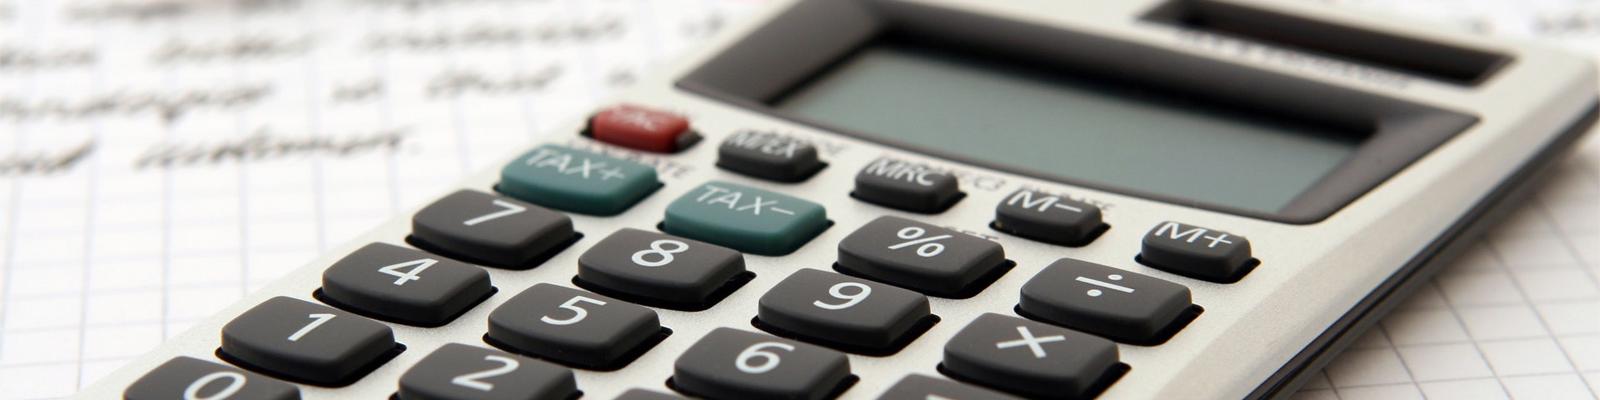 Solicitar Presupuesto Prevención - Solicitar Presupuesto Servicio de Ayuda a Domicilio